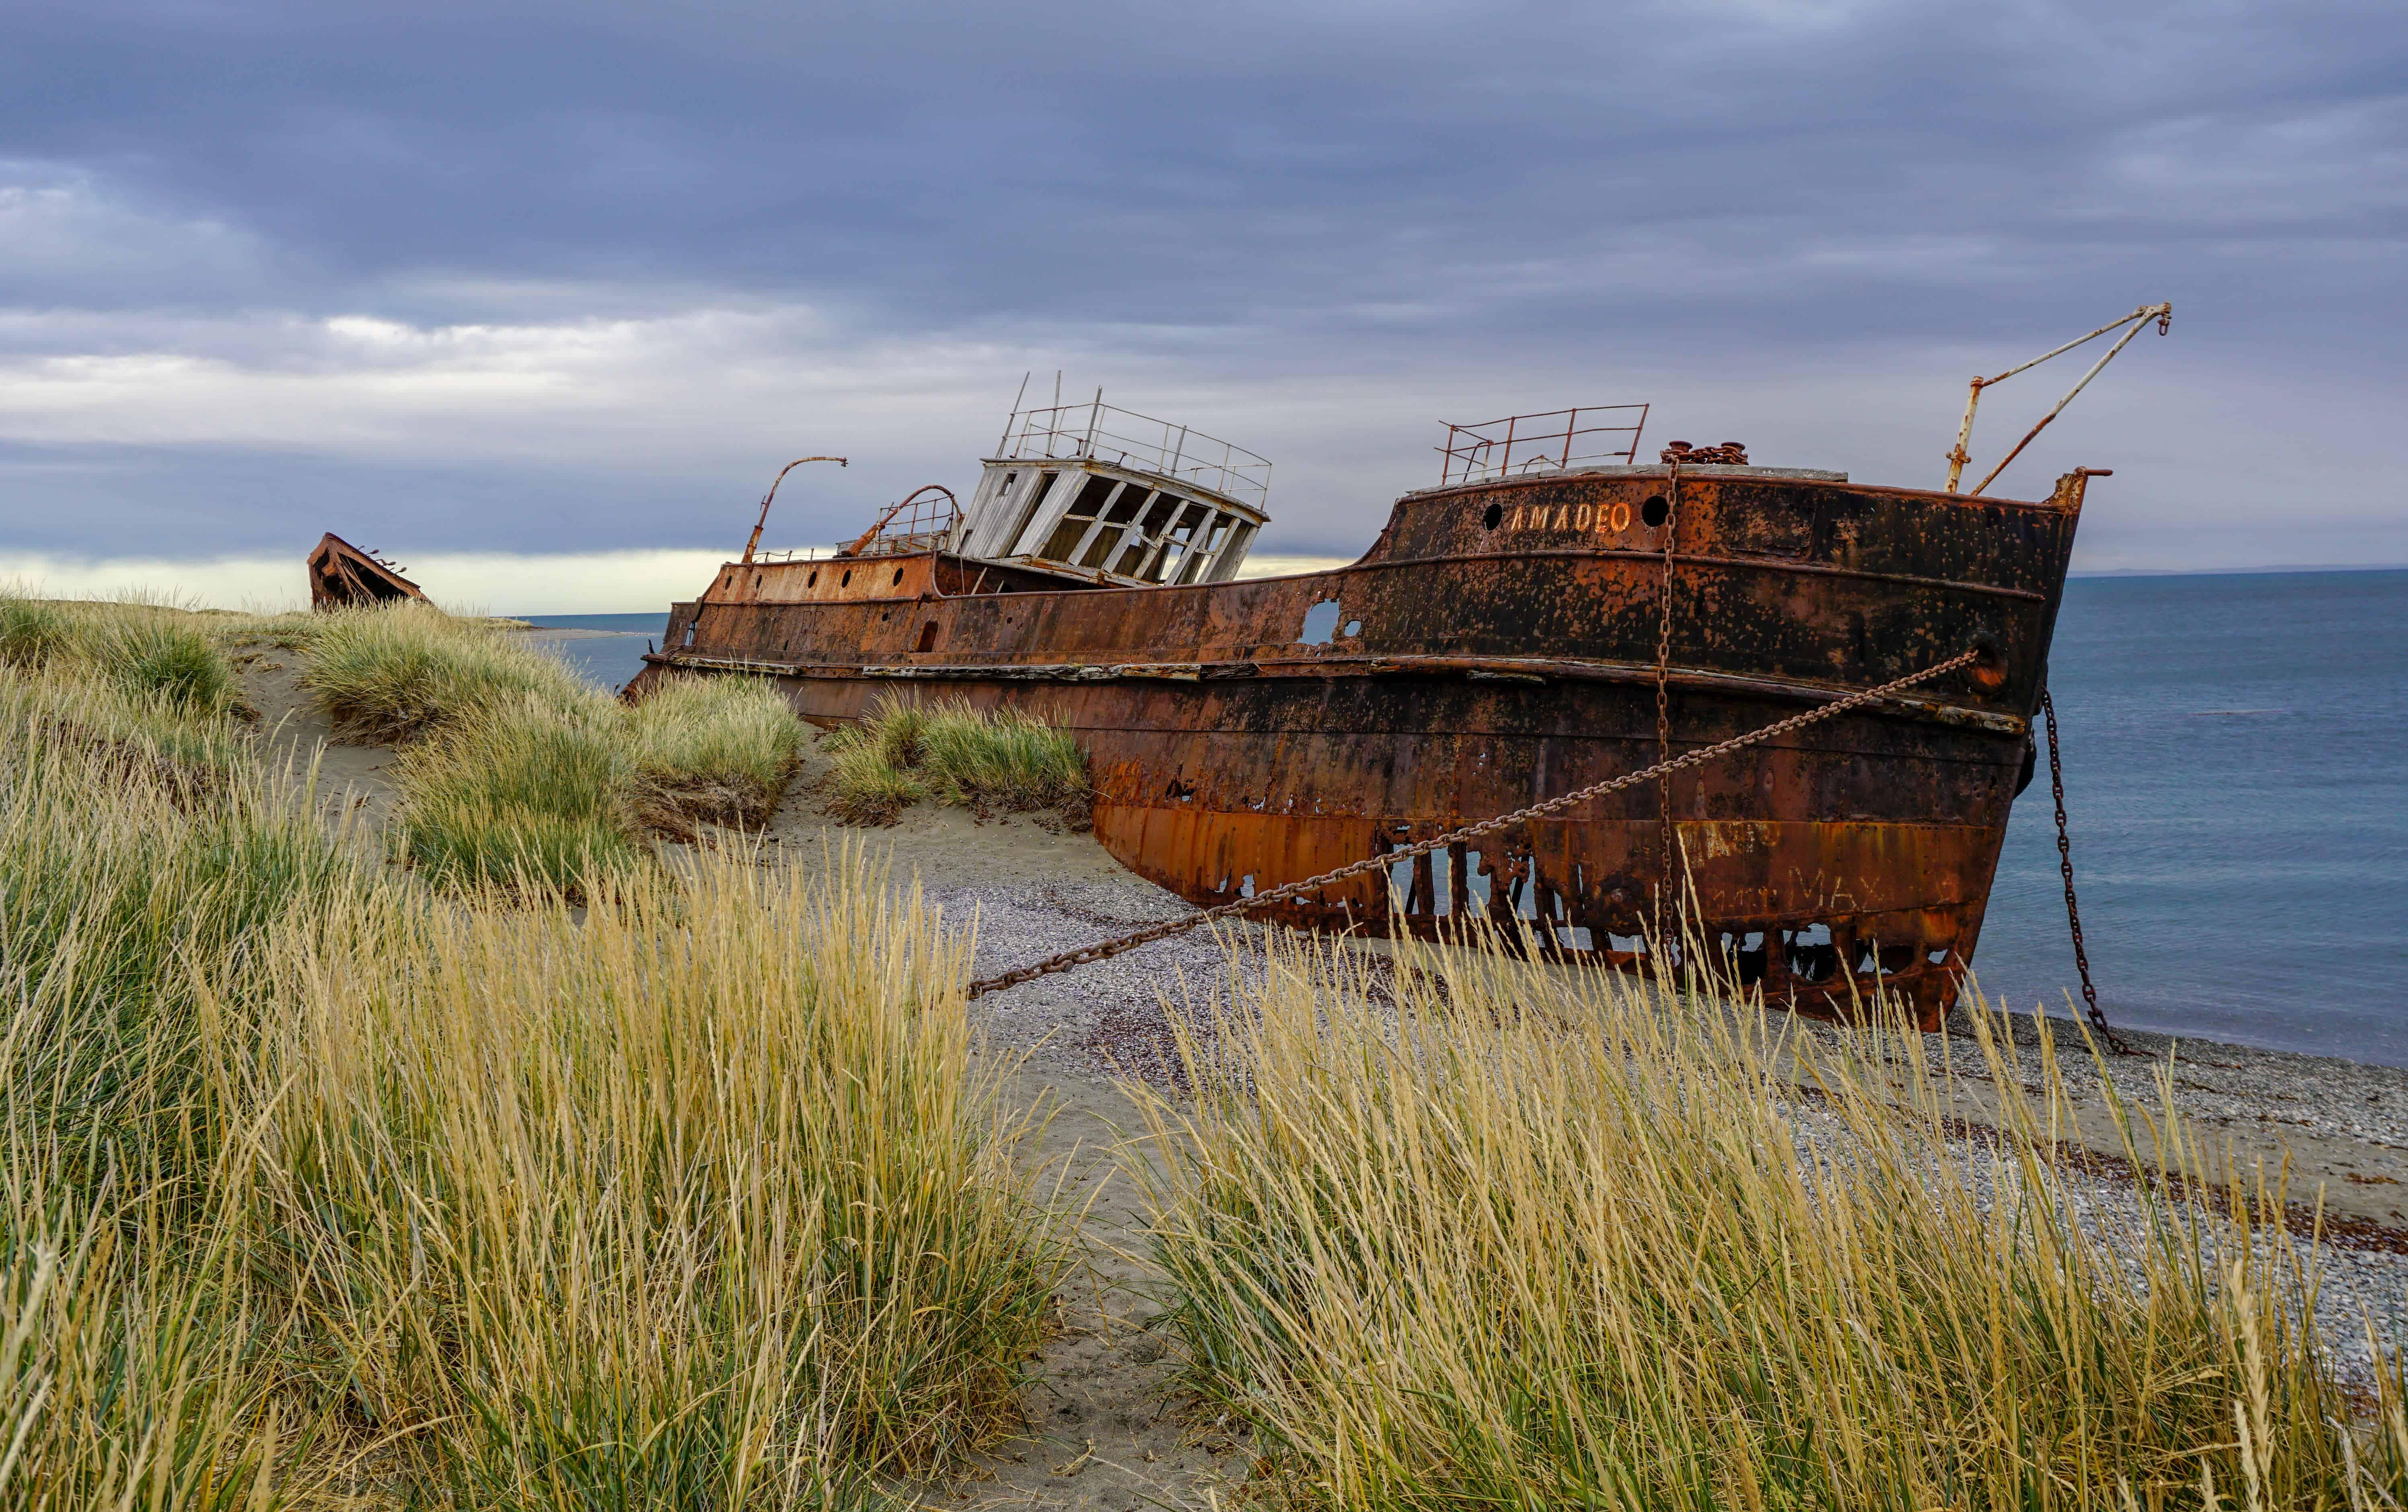 Old ship wreck near Punta Arenas